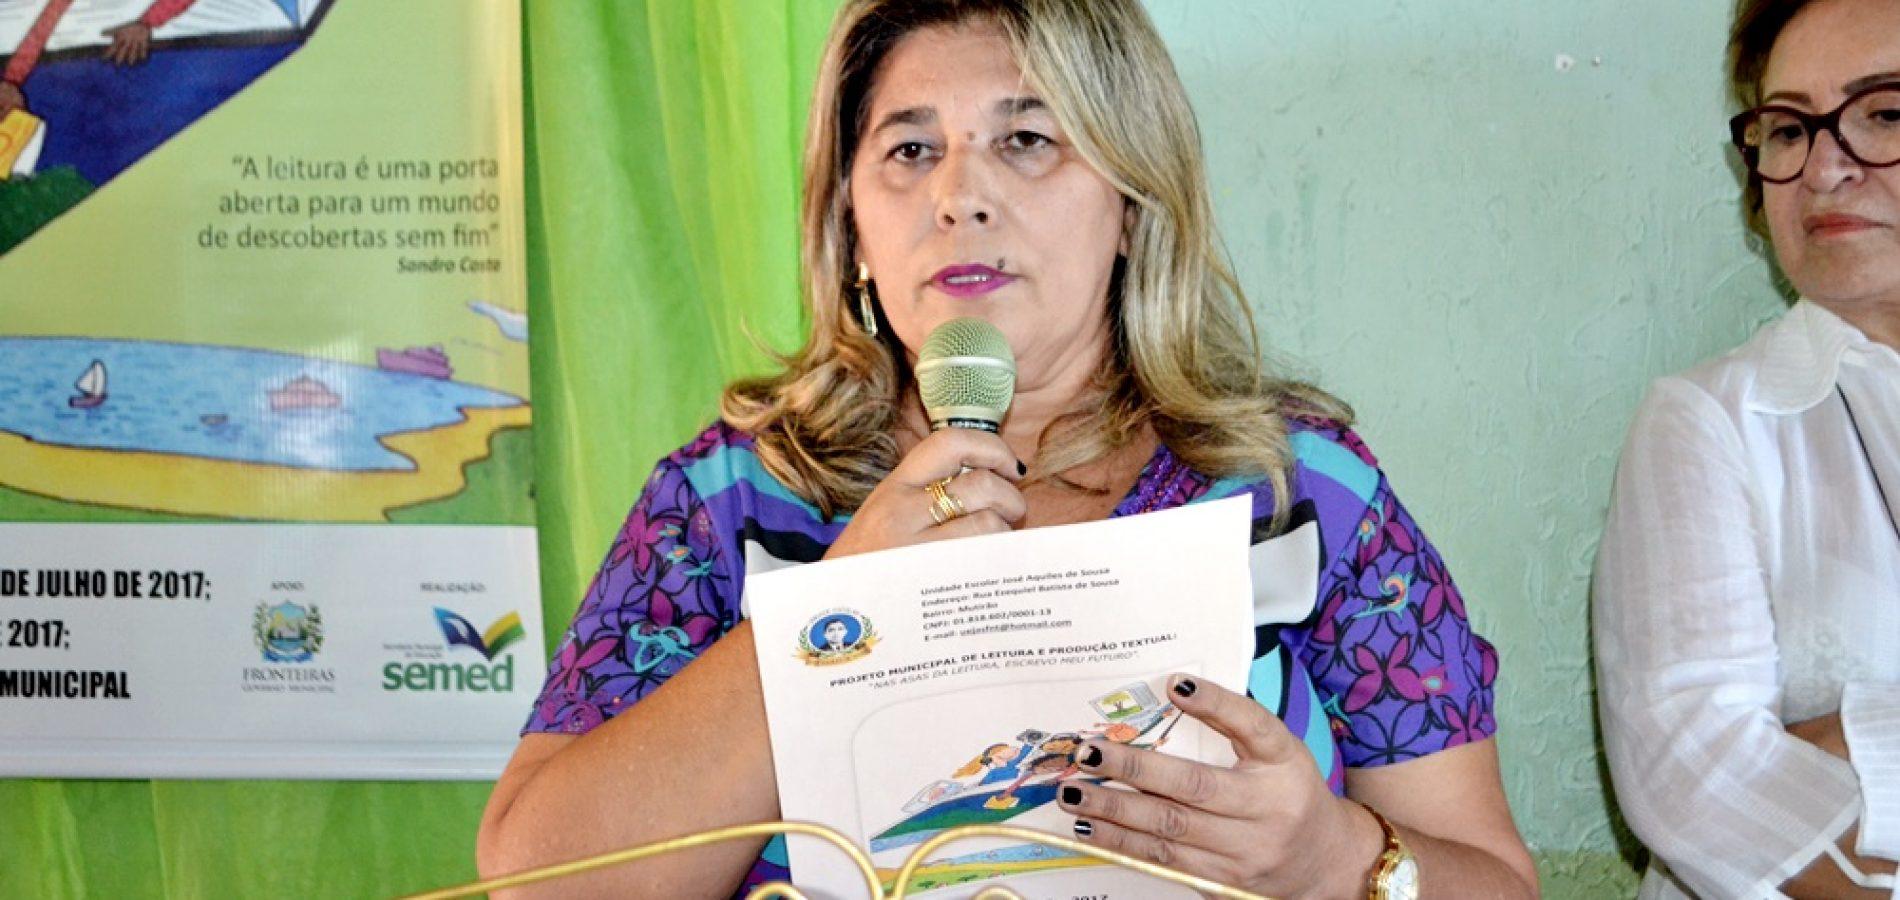 """FRONTEIRAS   Direção do """"Sousão"""" esclarece fato ocorrido com aluno na escola e desmente boatos. Veja!"""